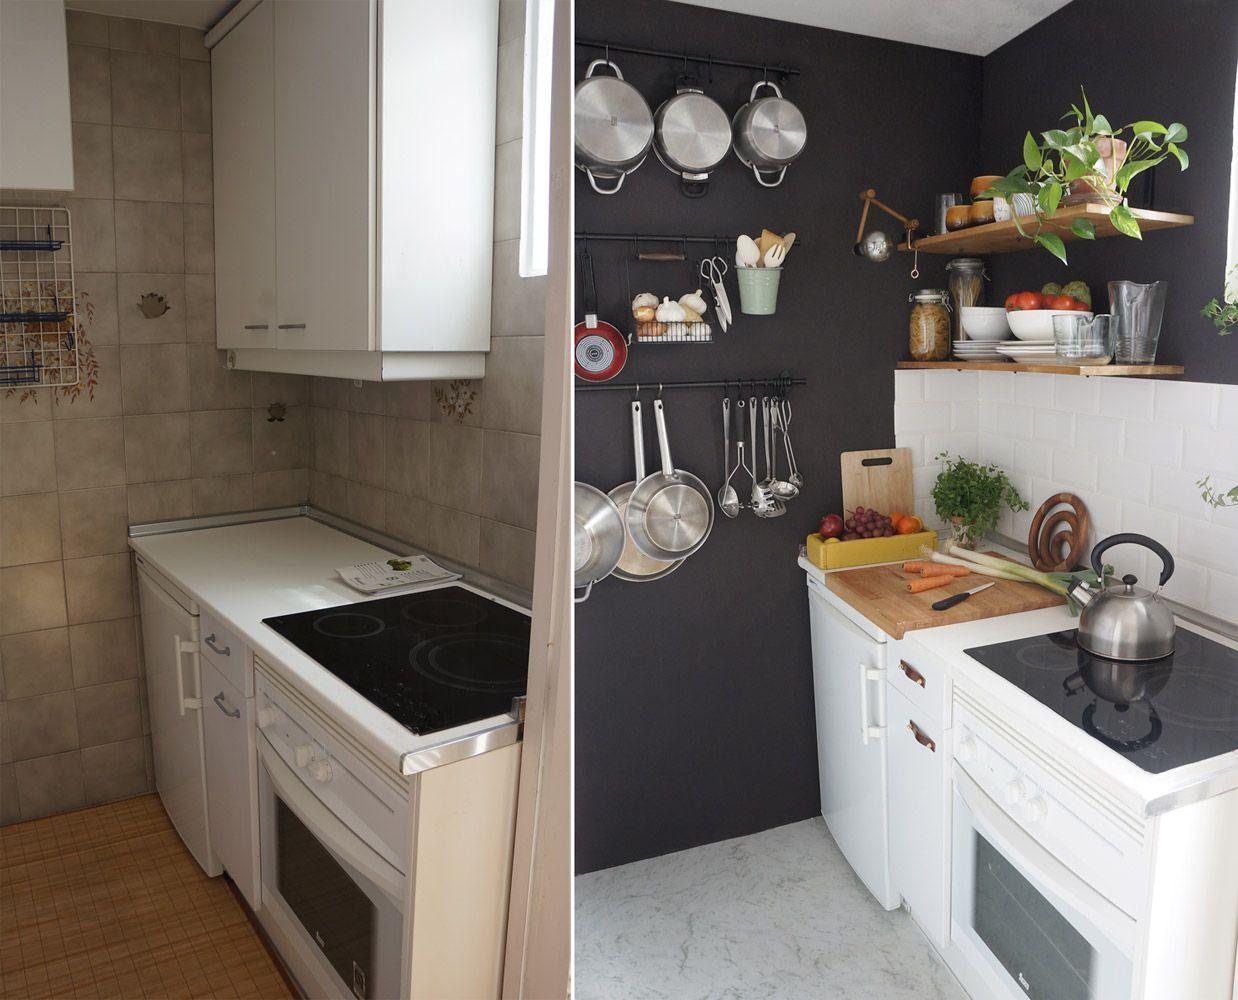 Renovar la cocina sin obras | ANTES-DESPUES | Pinterest | Cocinas ...